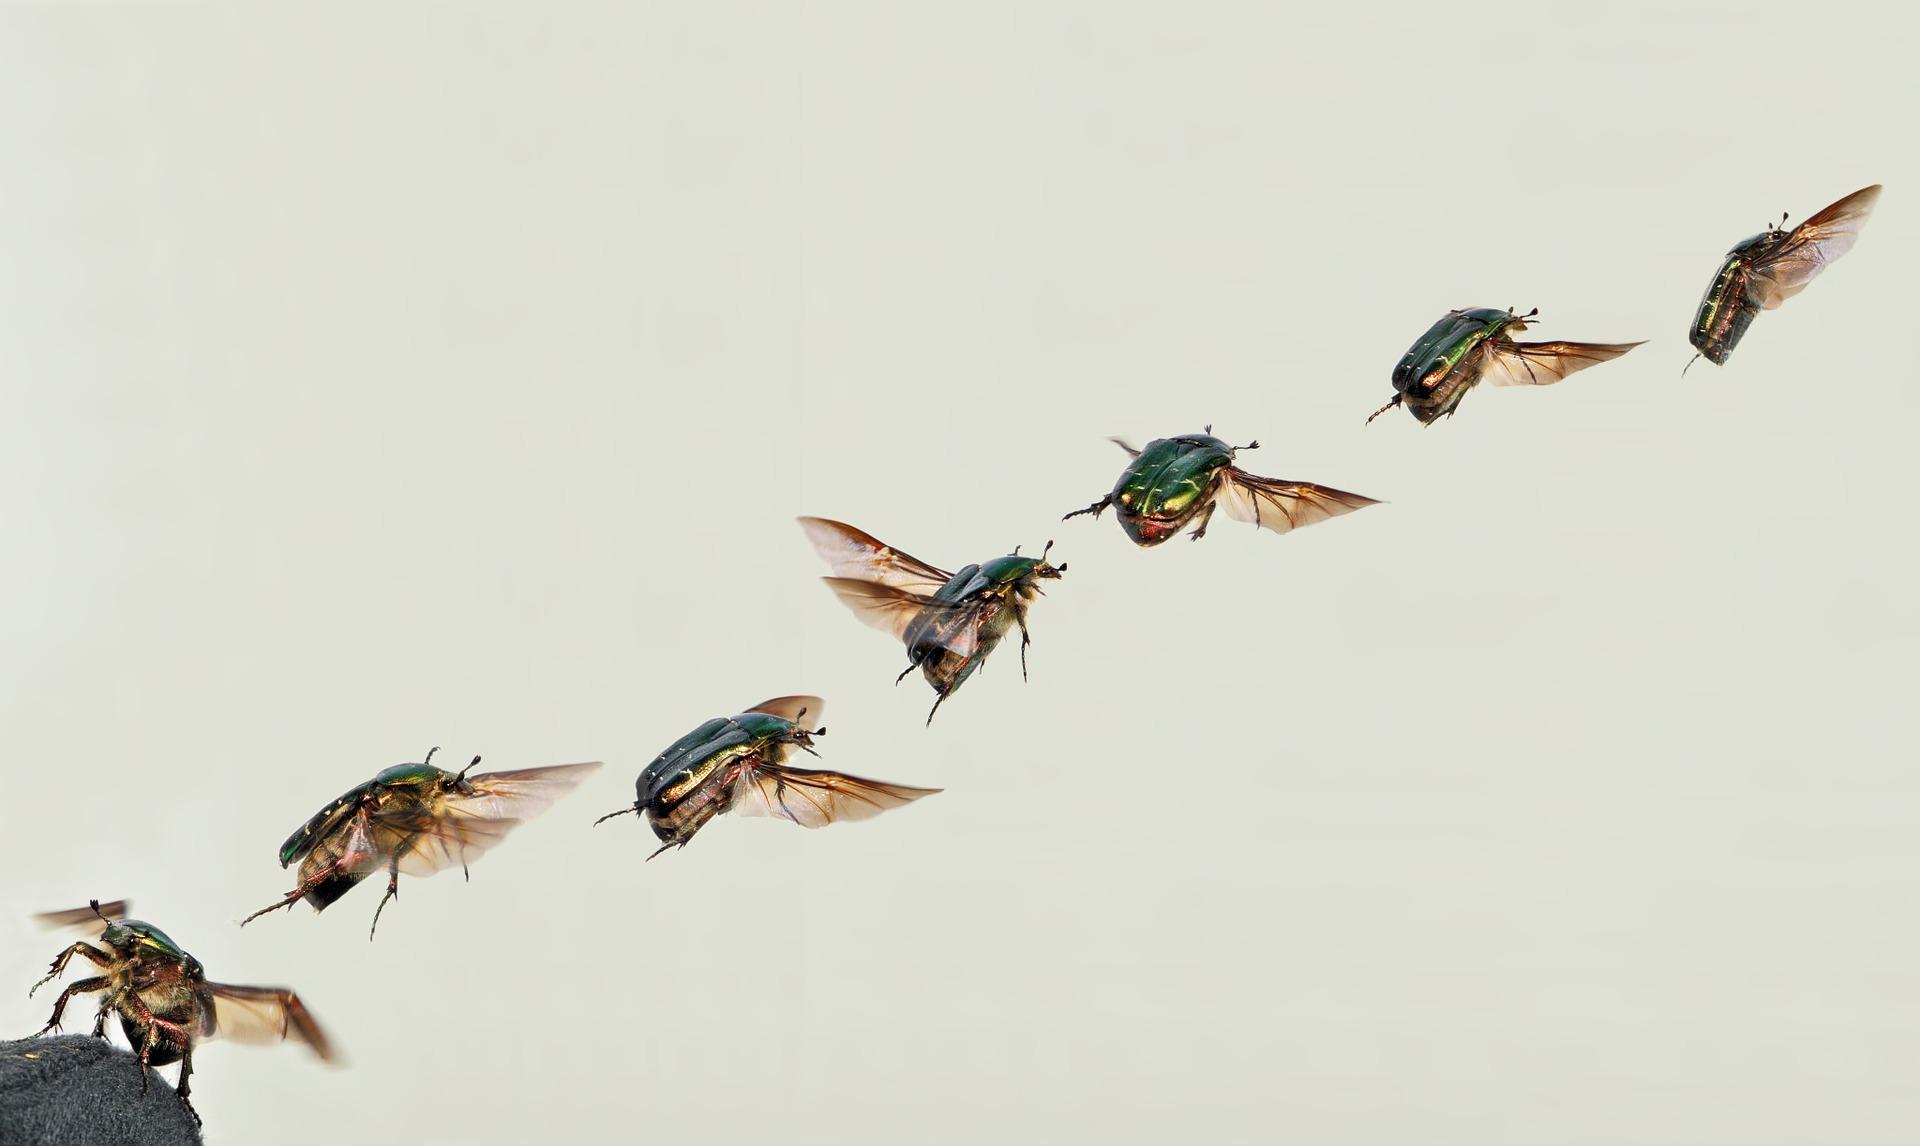 shiny-rose-gold-beetle-62906_1920